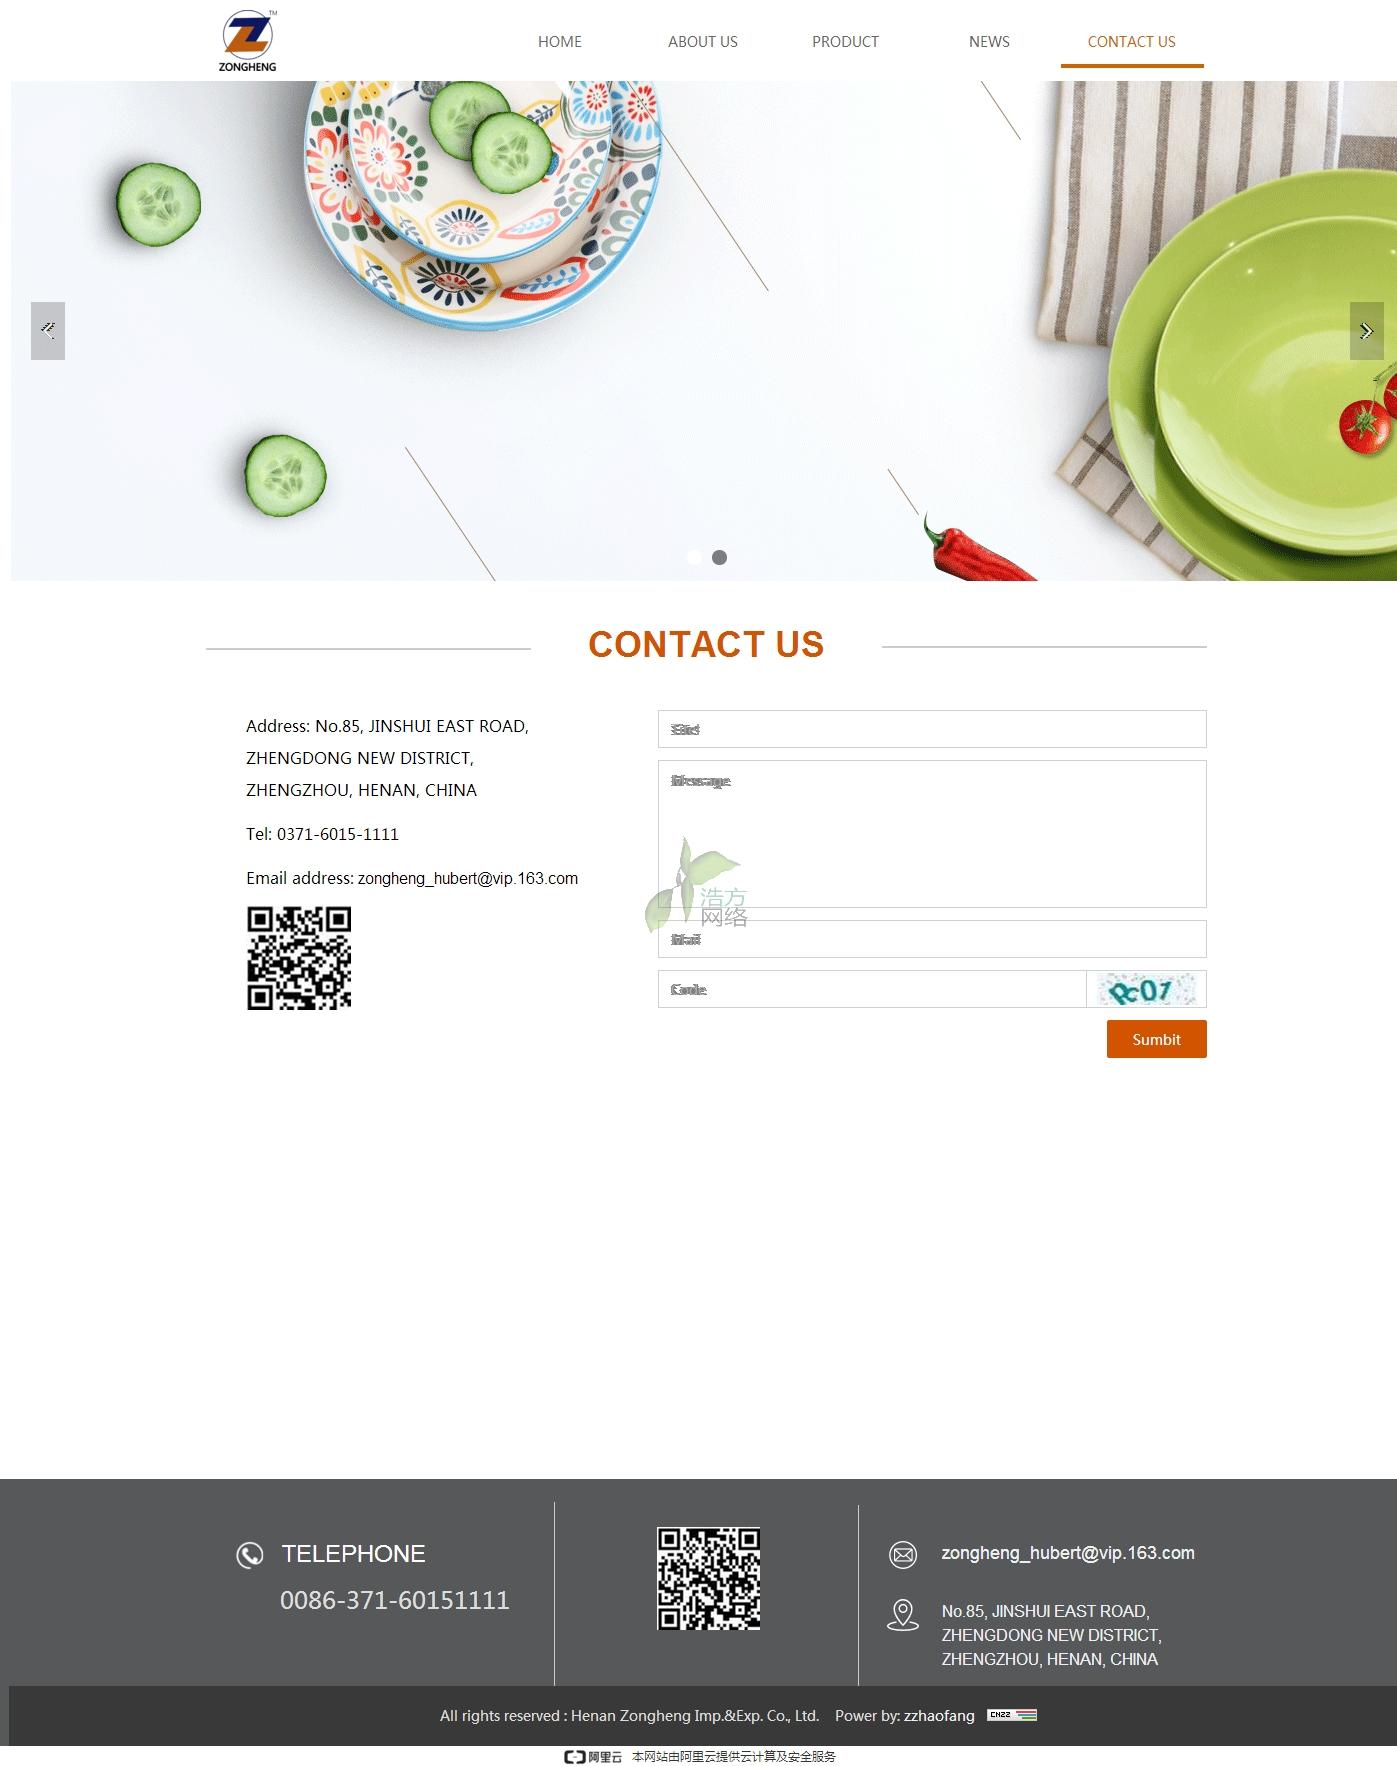 河南纵横进出口贸易有限公司 陶瓷网站建设地址、电话等联系方式